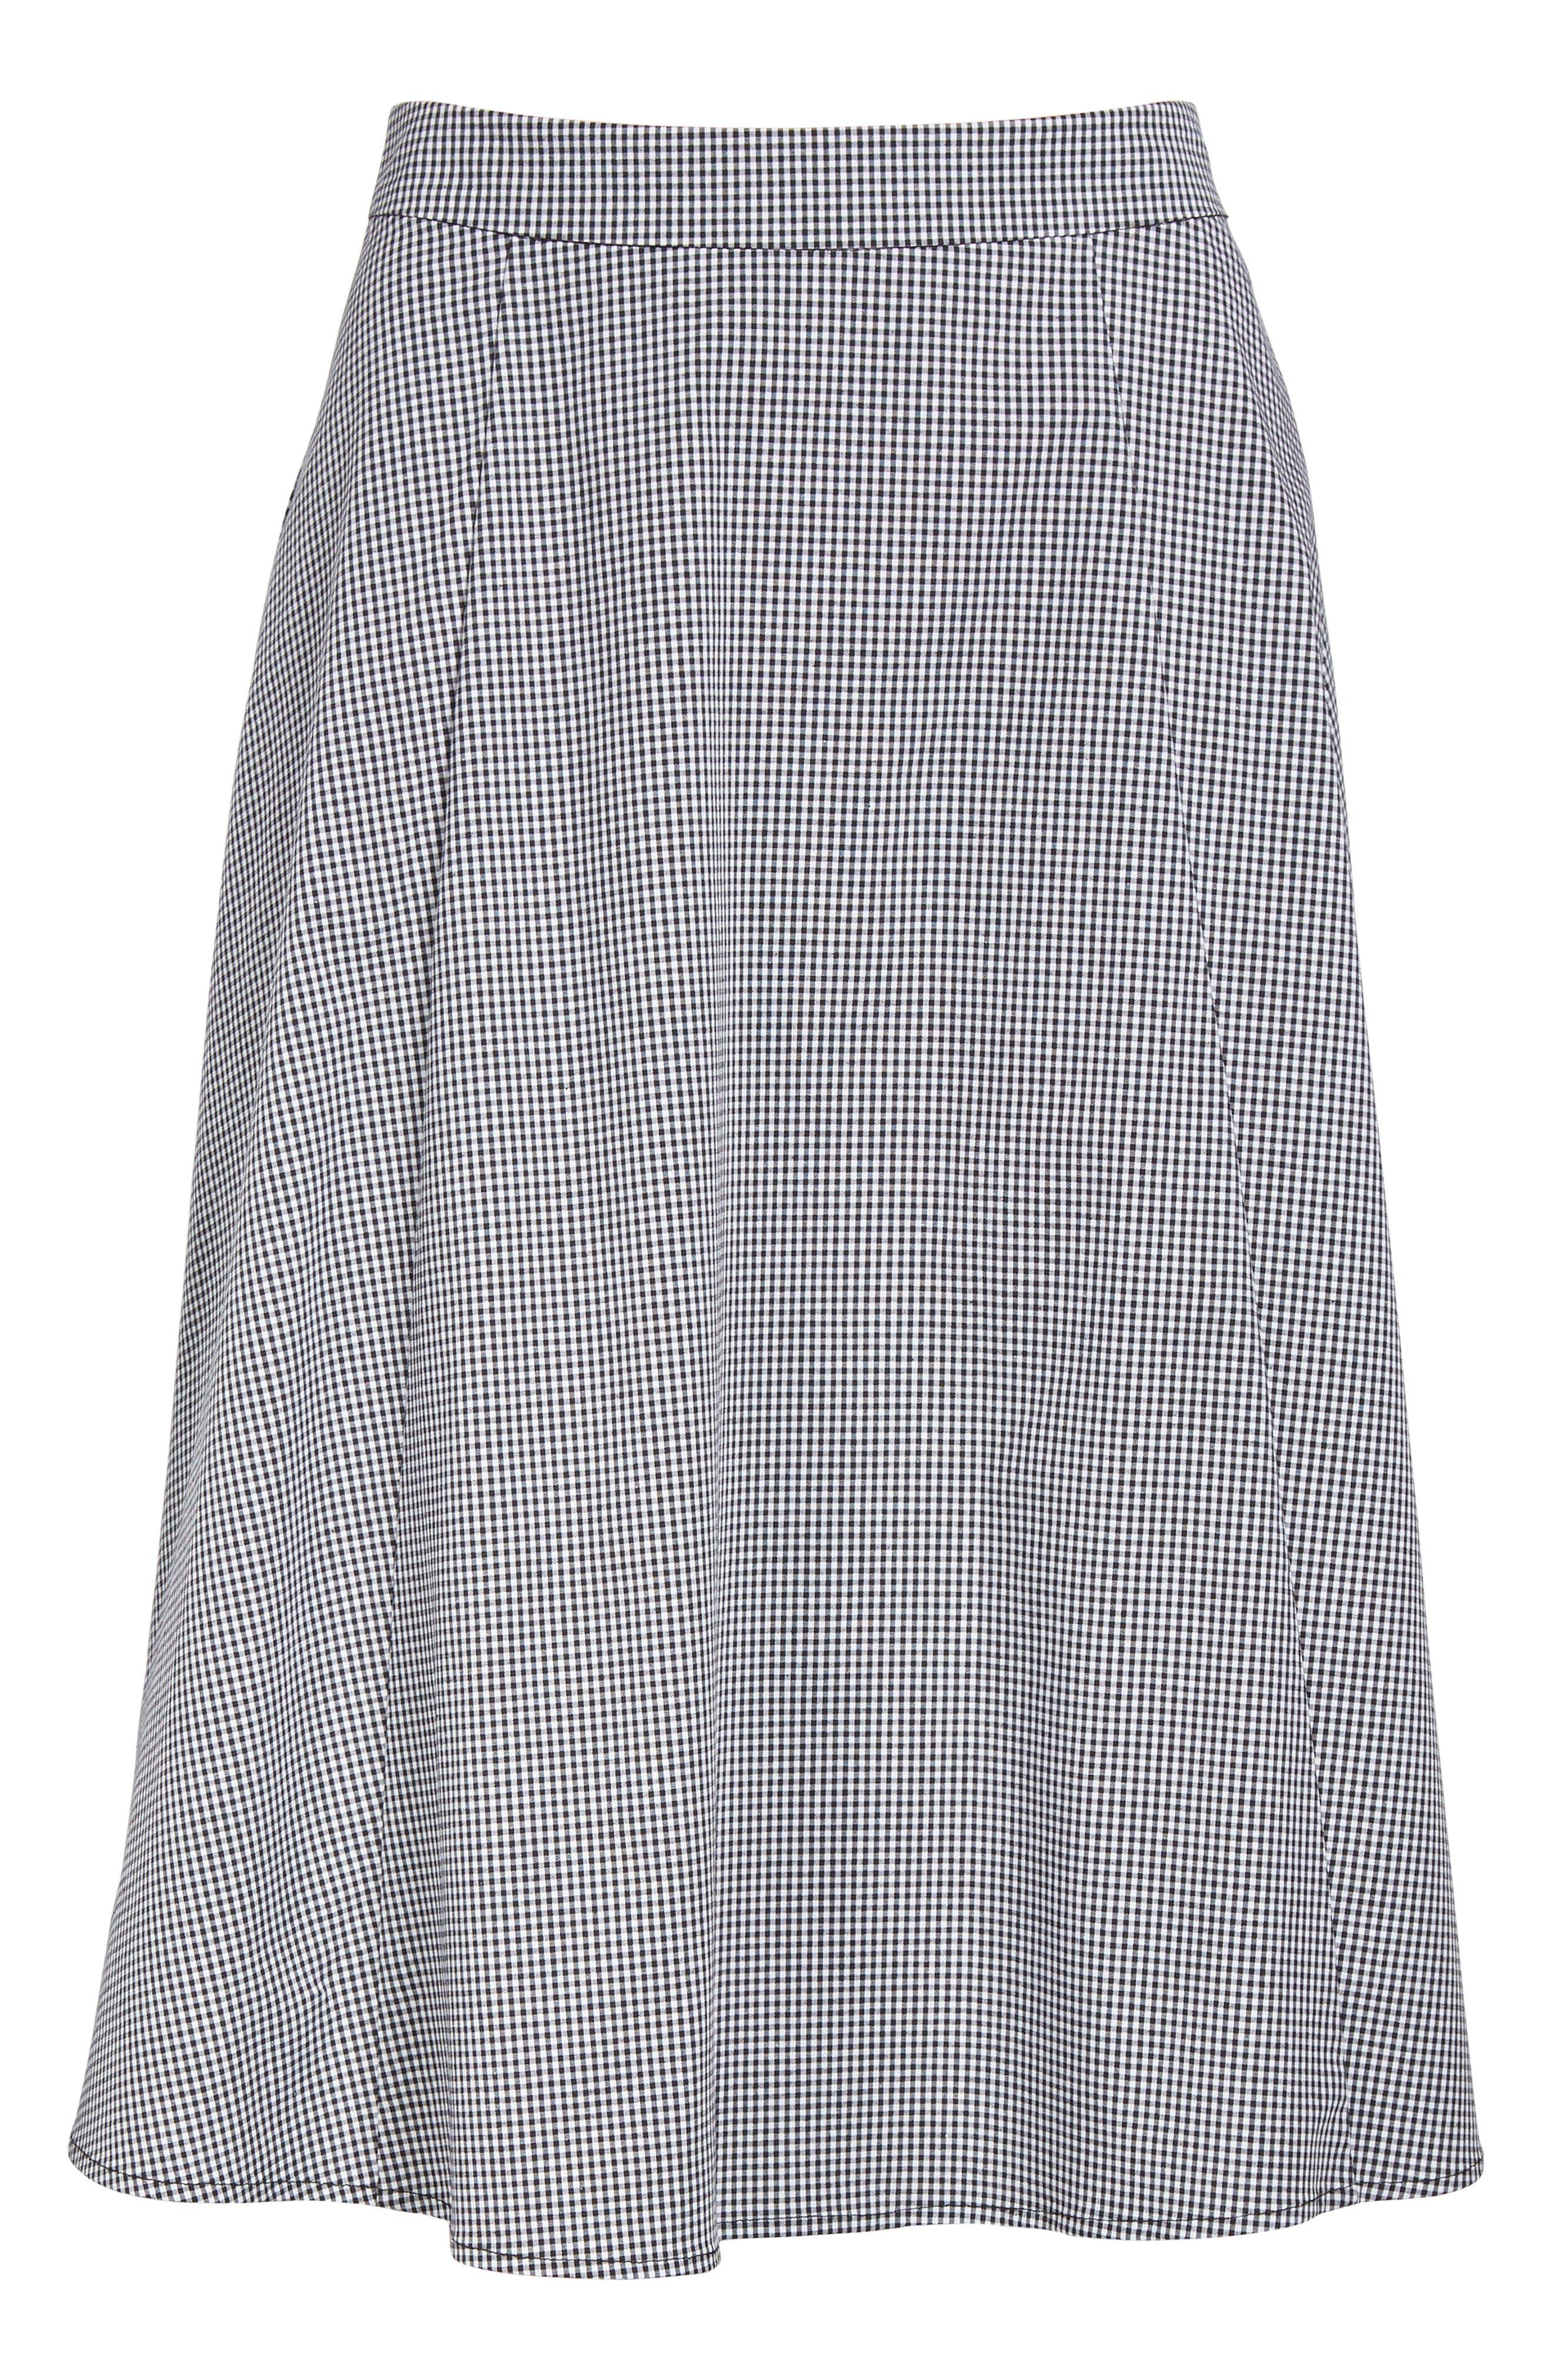 Gingham A-Line Skirt,                             Alternate thumbnail 6, color,                             Black/ White